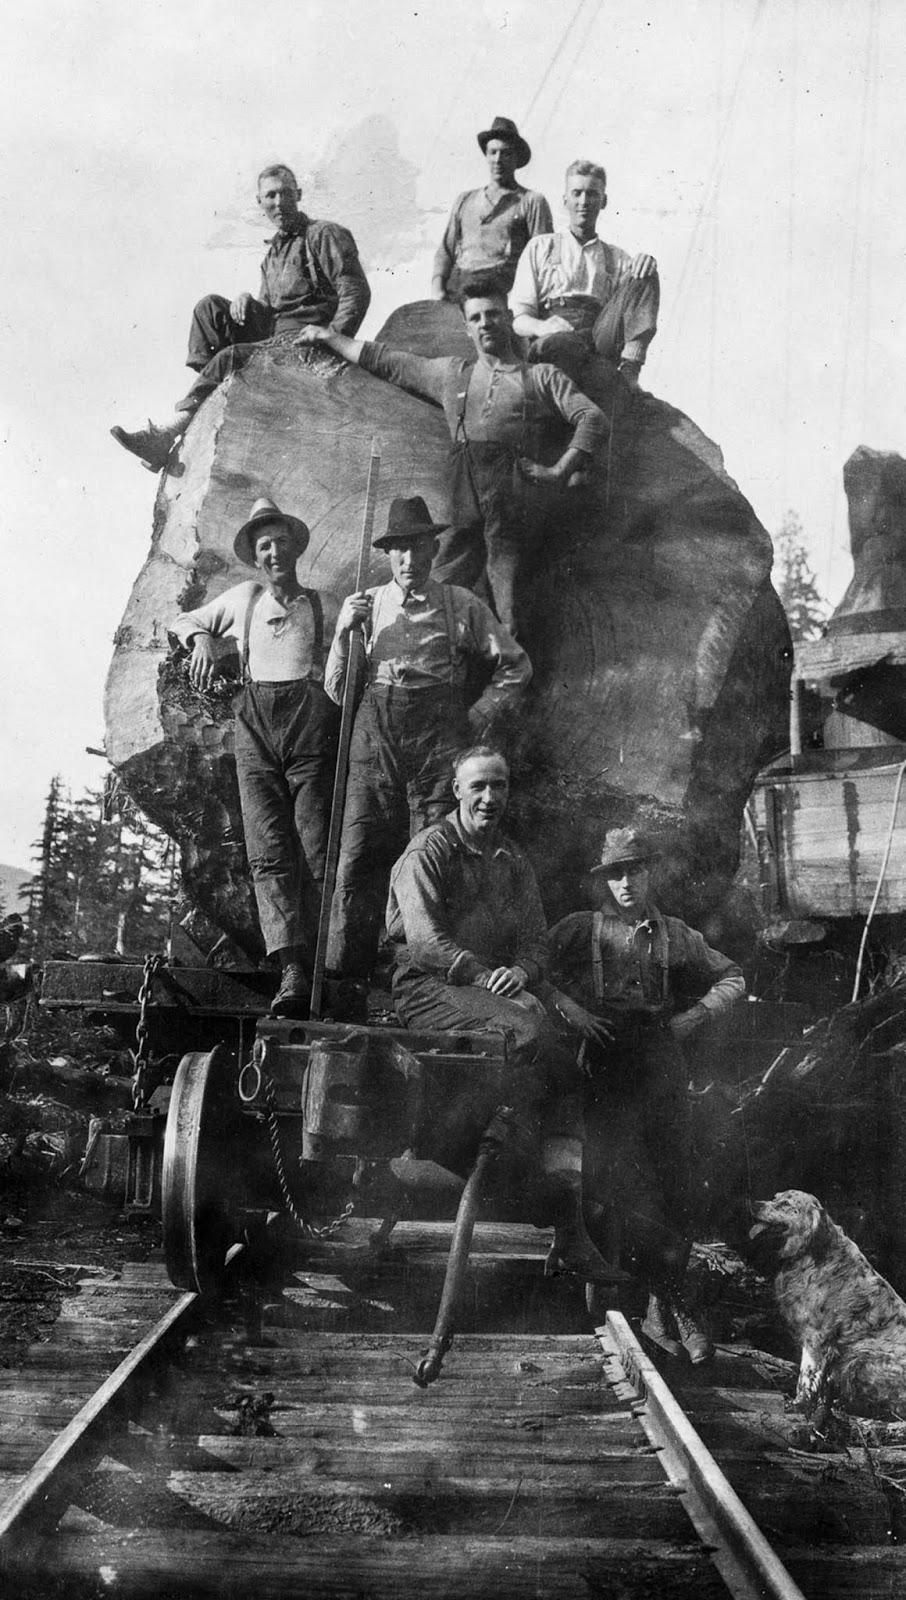 Loggers pose on a fir log loaded onto a train. 1920.